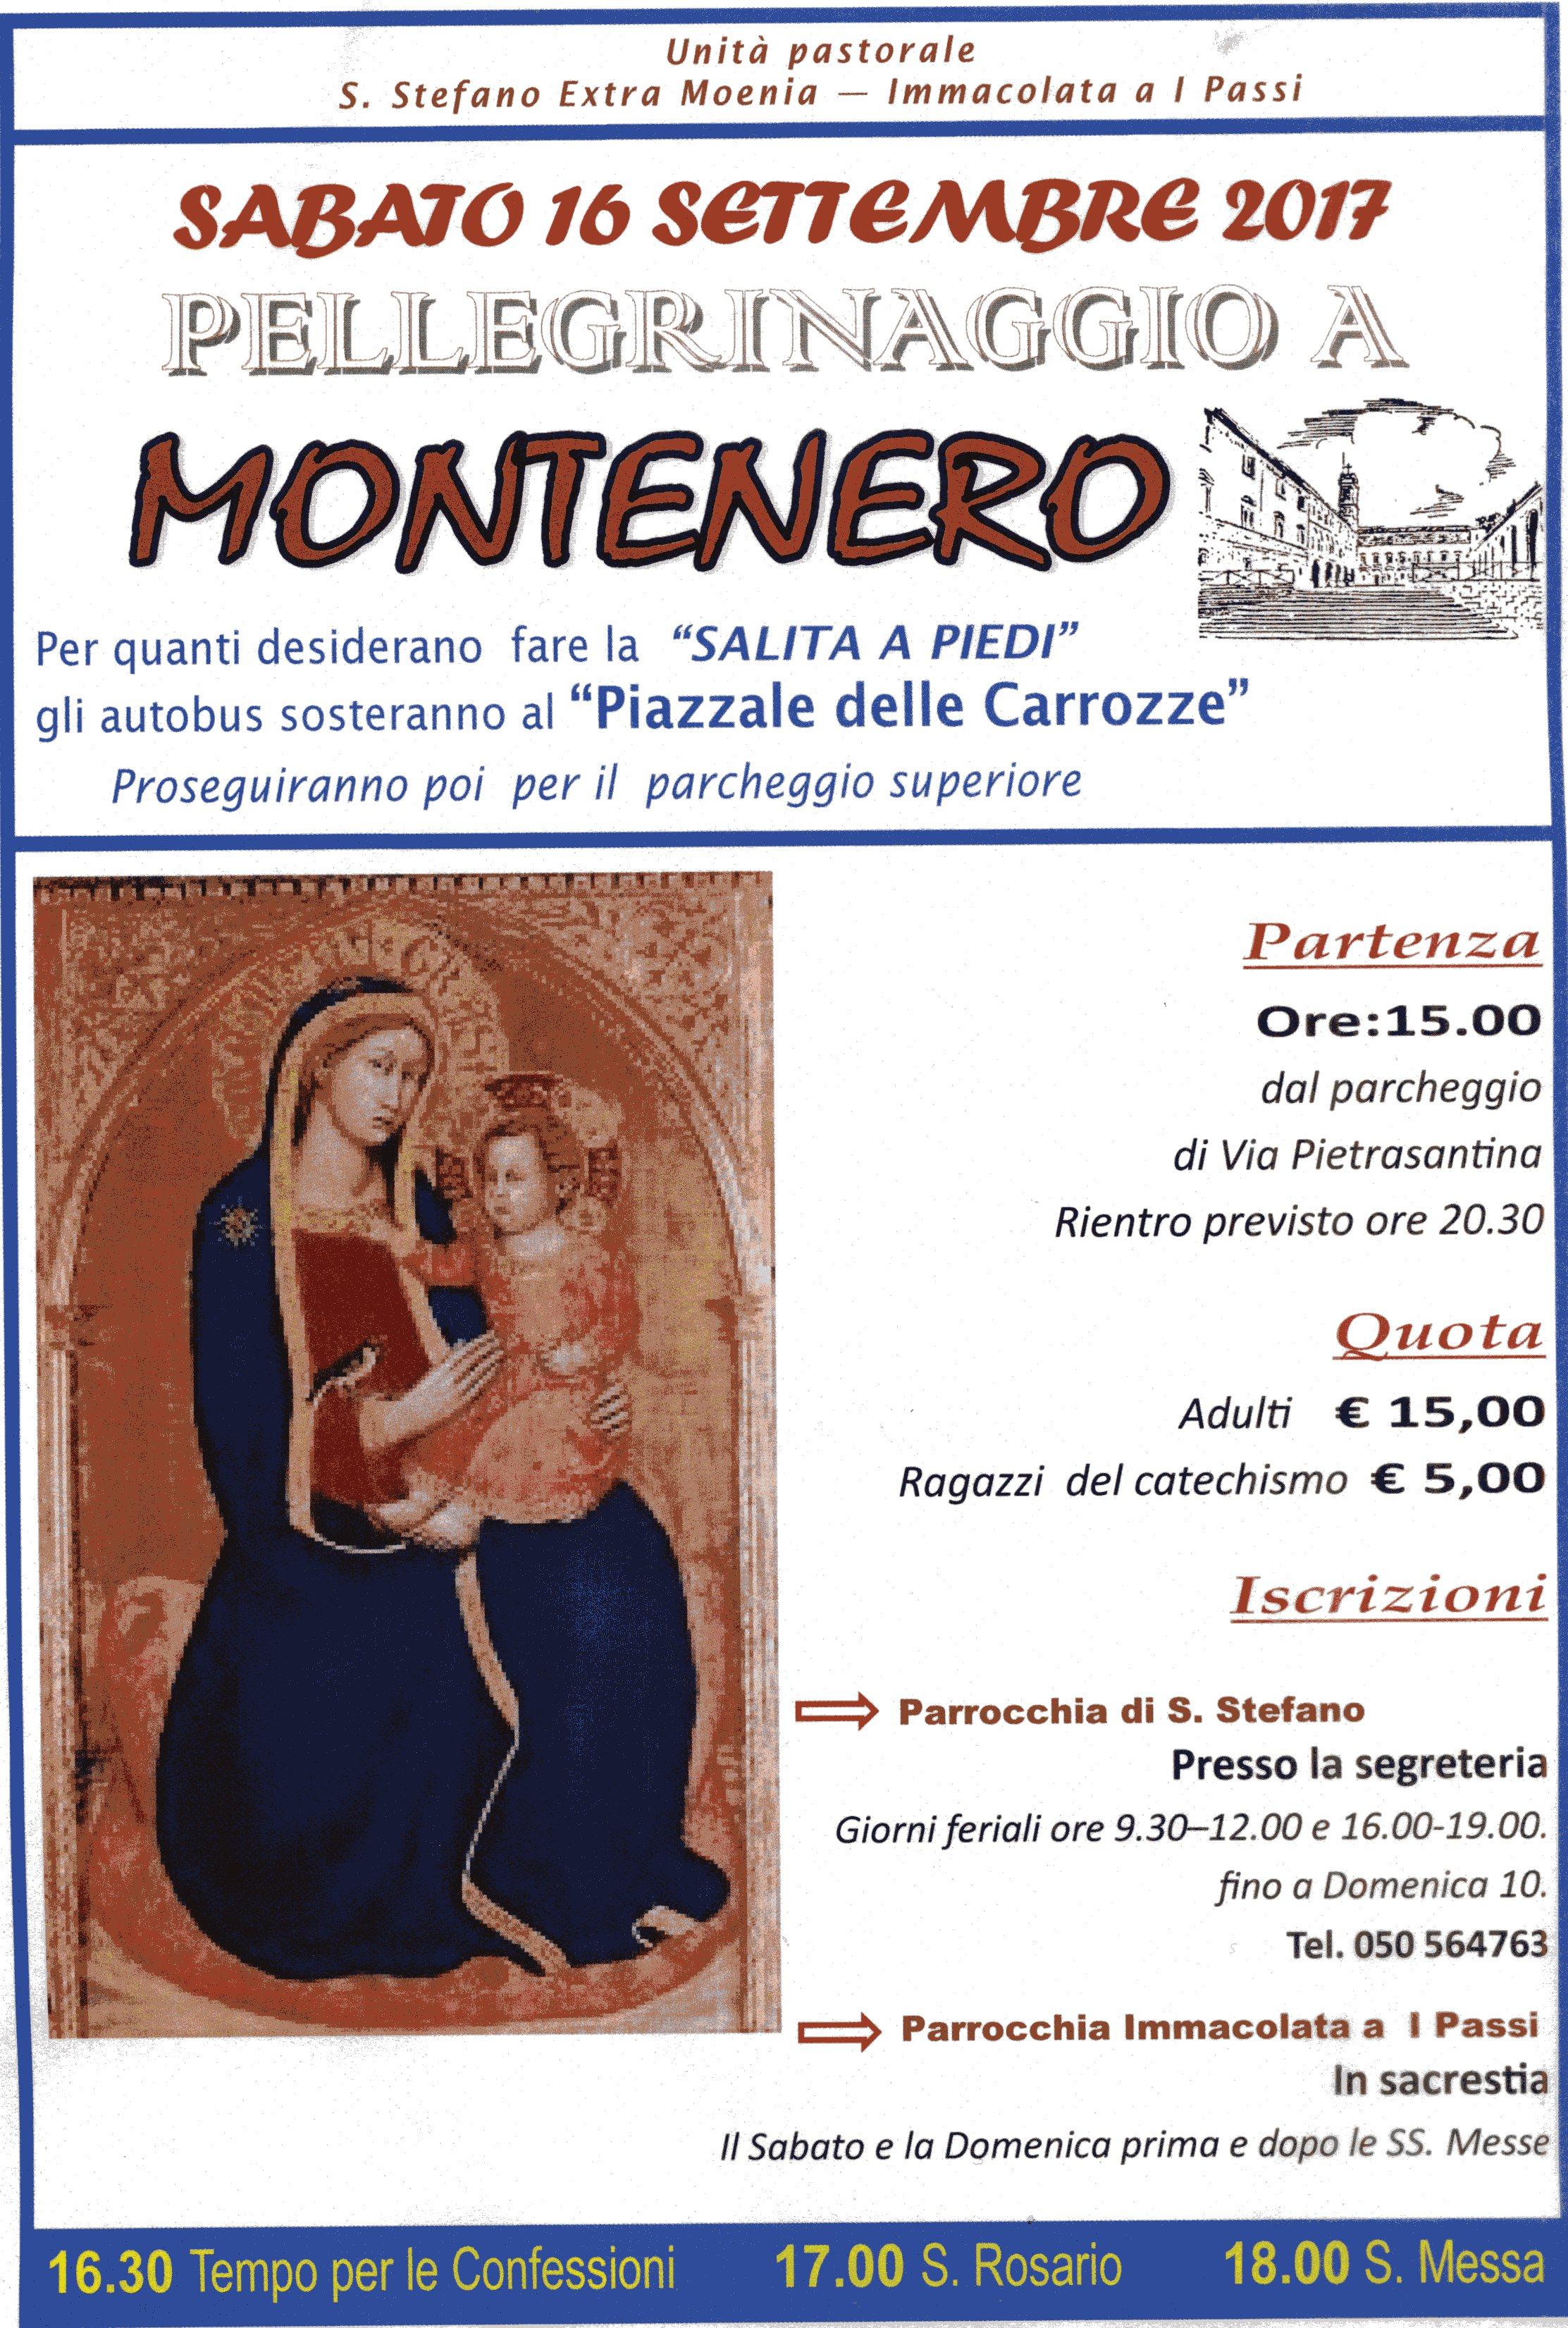 Pellegrinaggio a Montenero